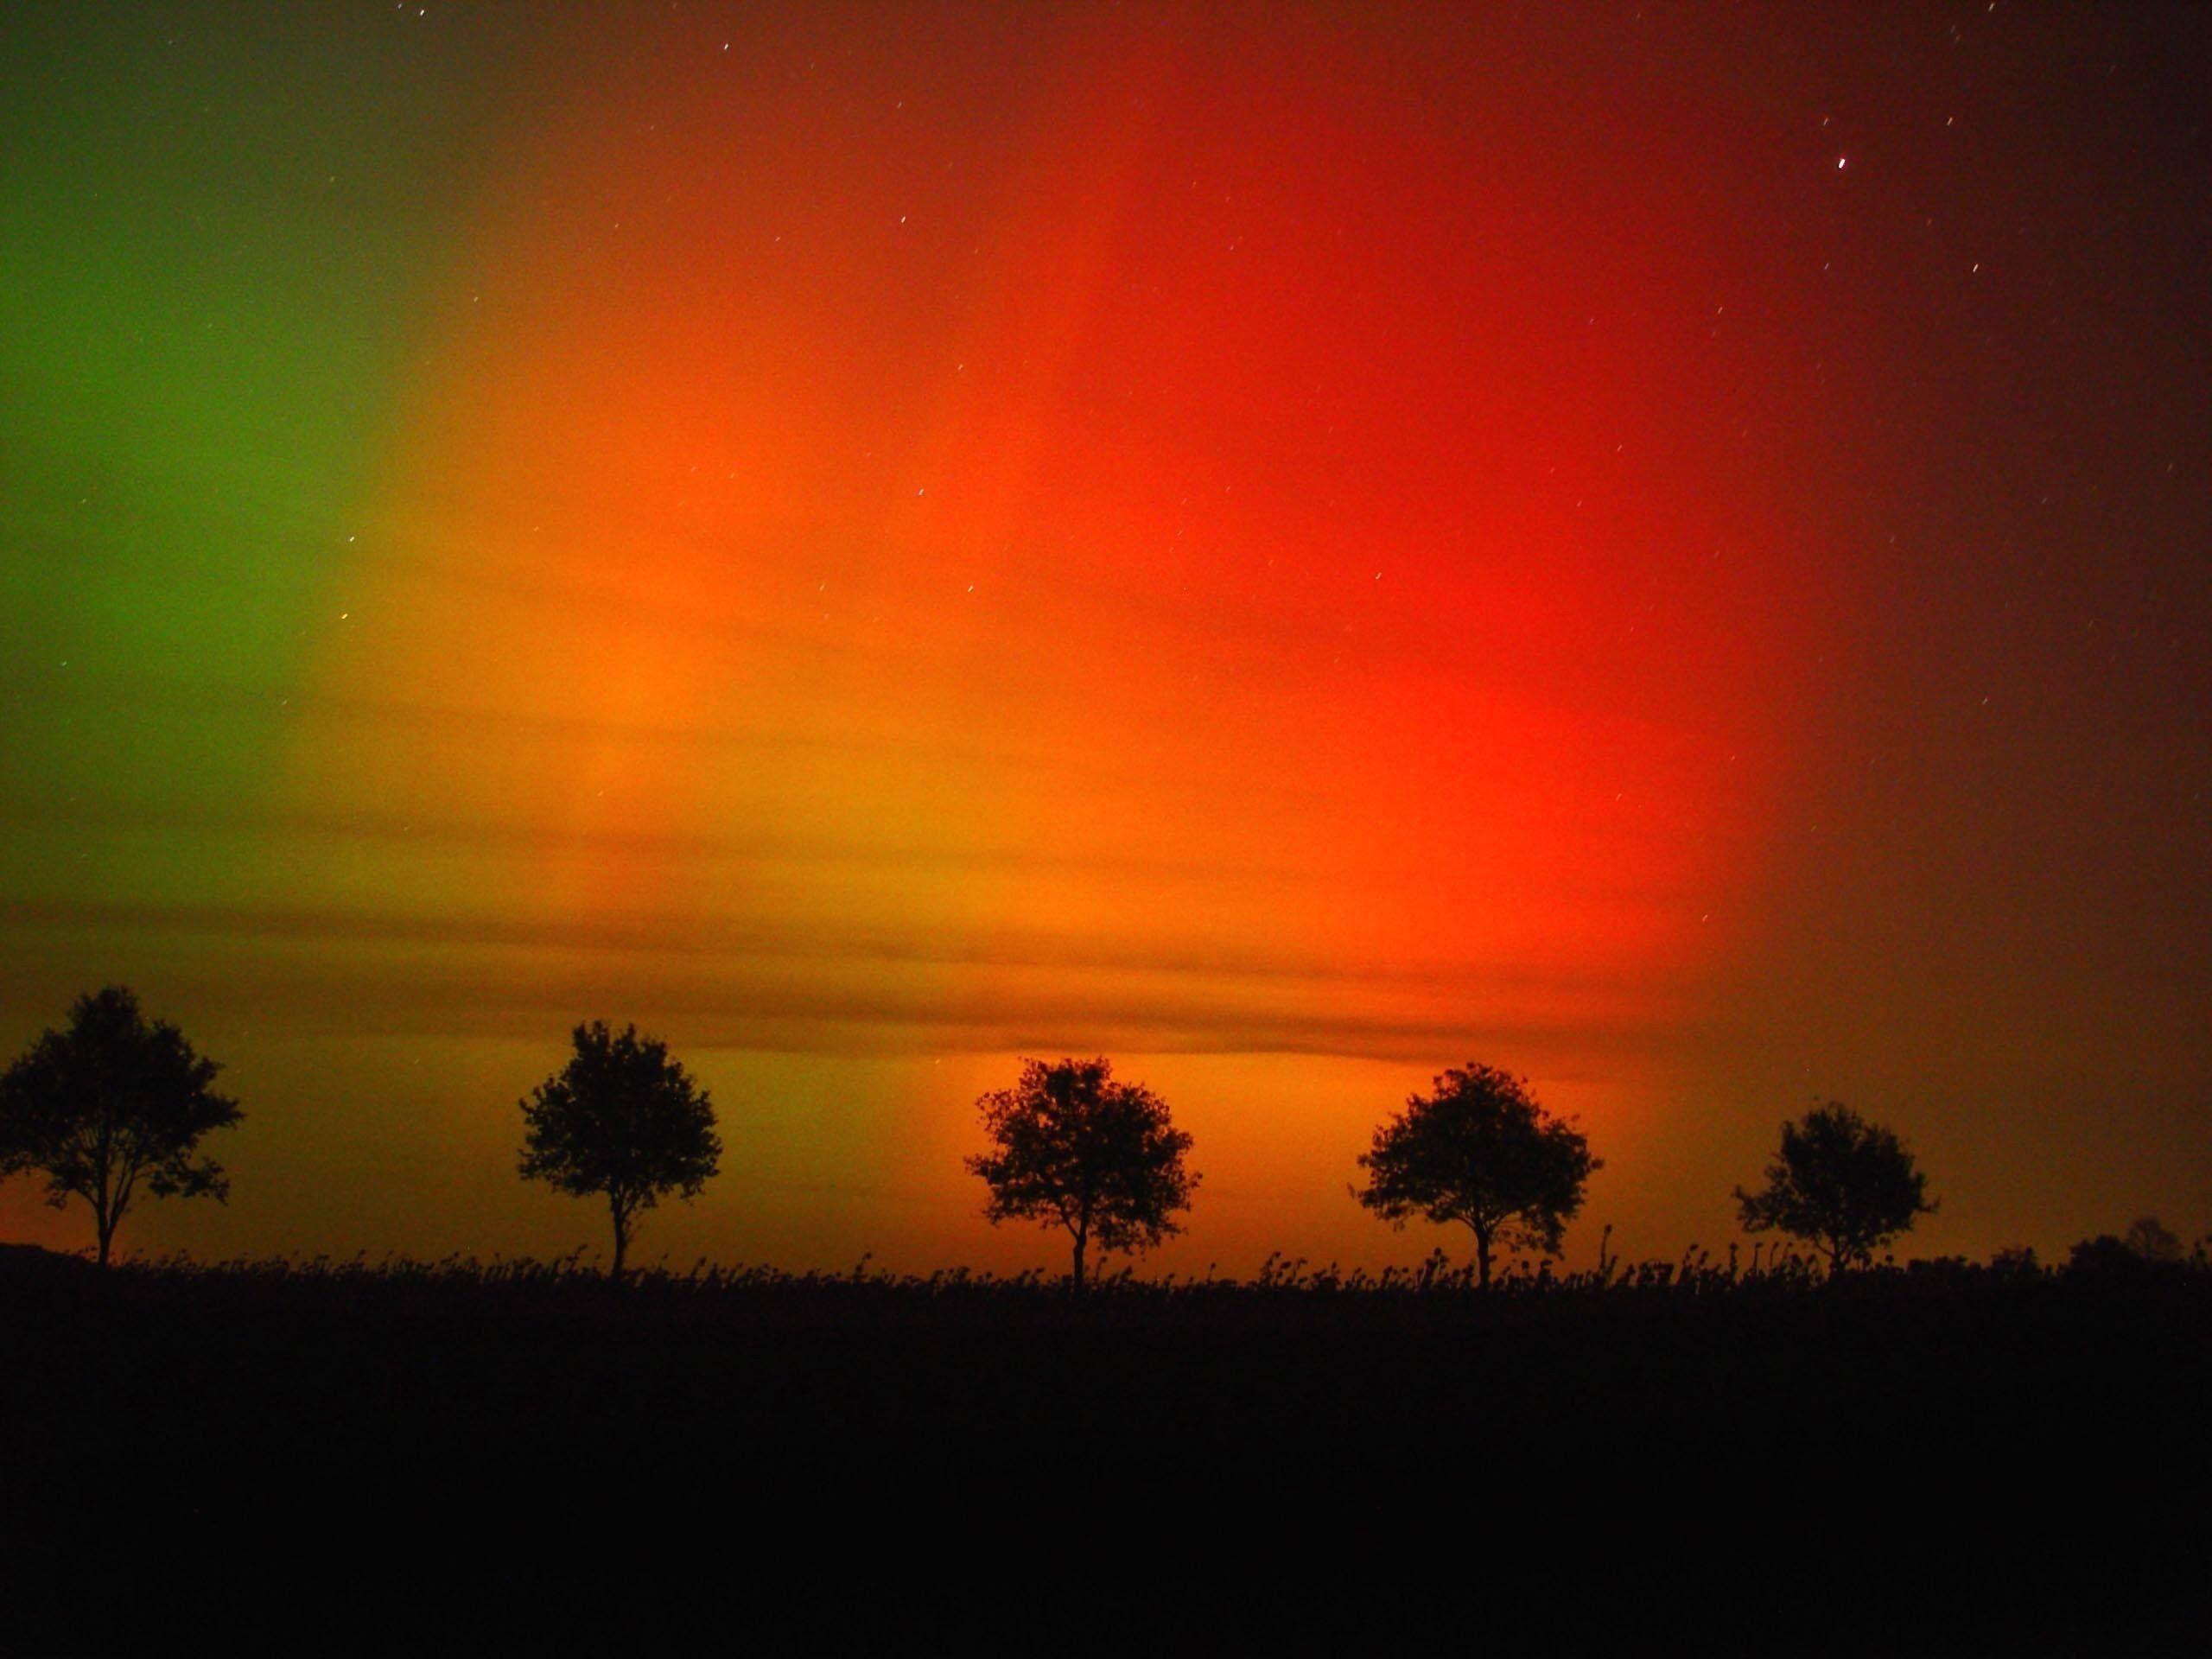 Sonnenstürme können Satelliten, elektrische Anlagen, GPS und Funkverbindungen stören.